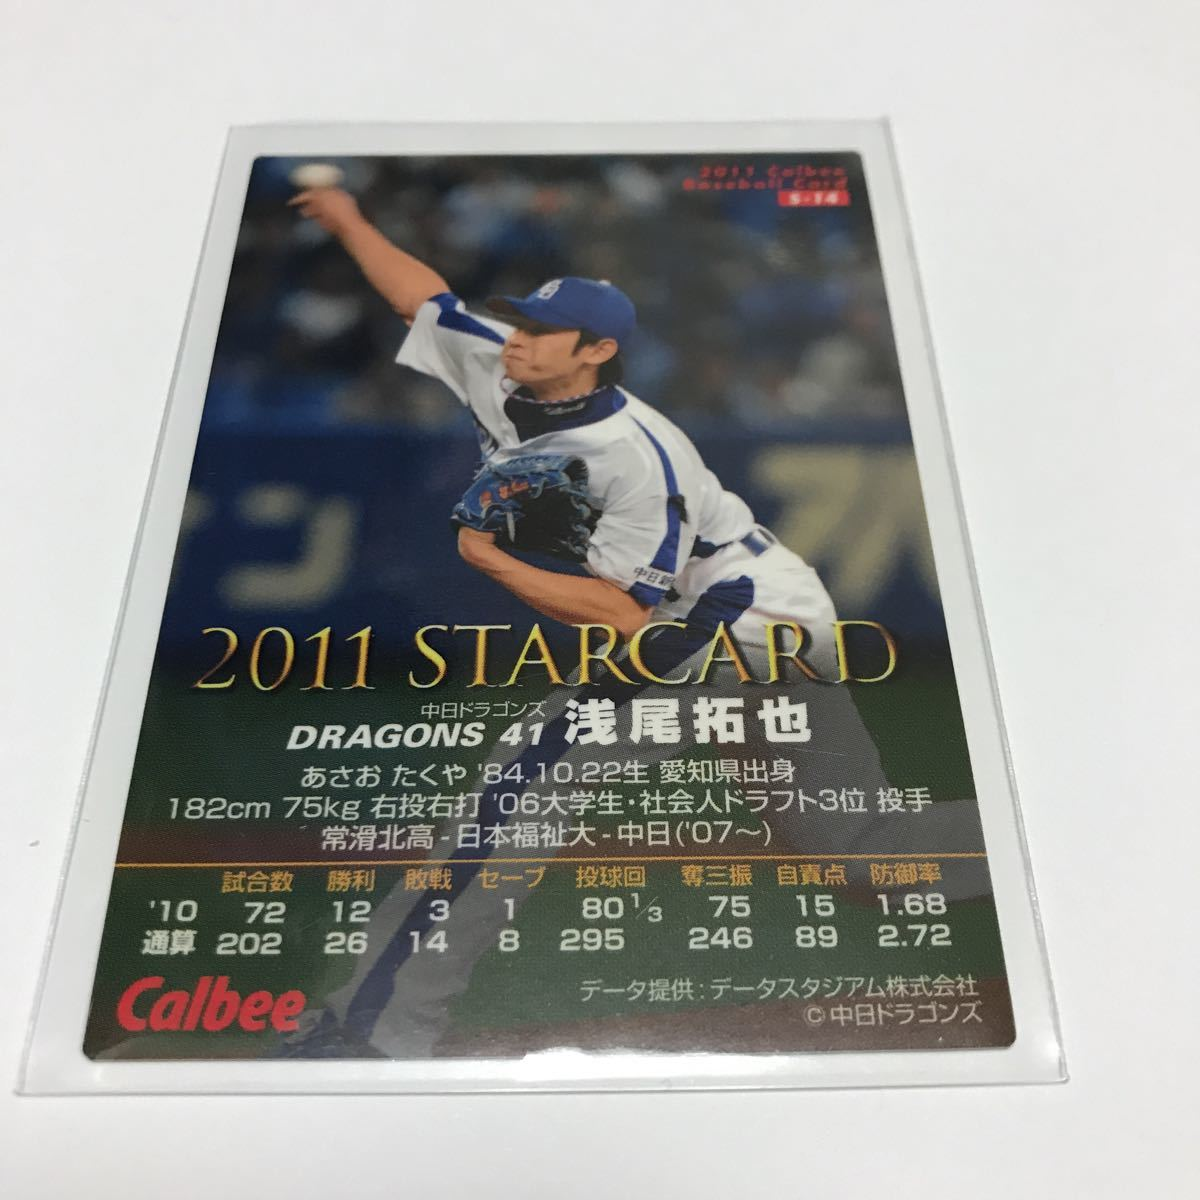 カルビー プロ野球チップス 中日ドラゴンズ 浅尾拓也 金箔サインカード 2011年_画像2